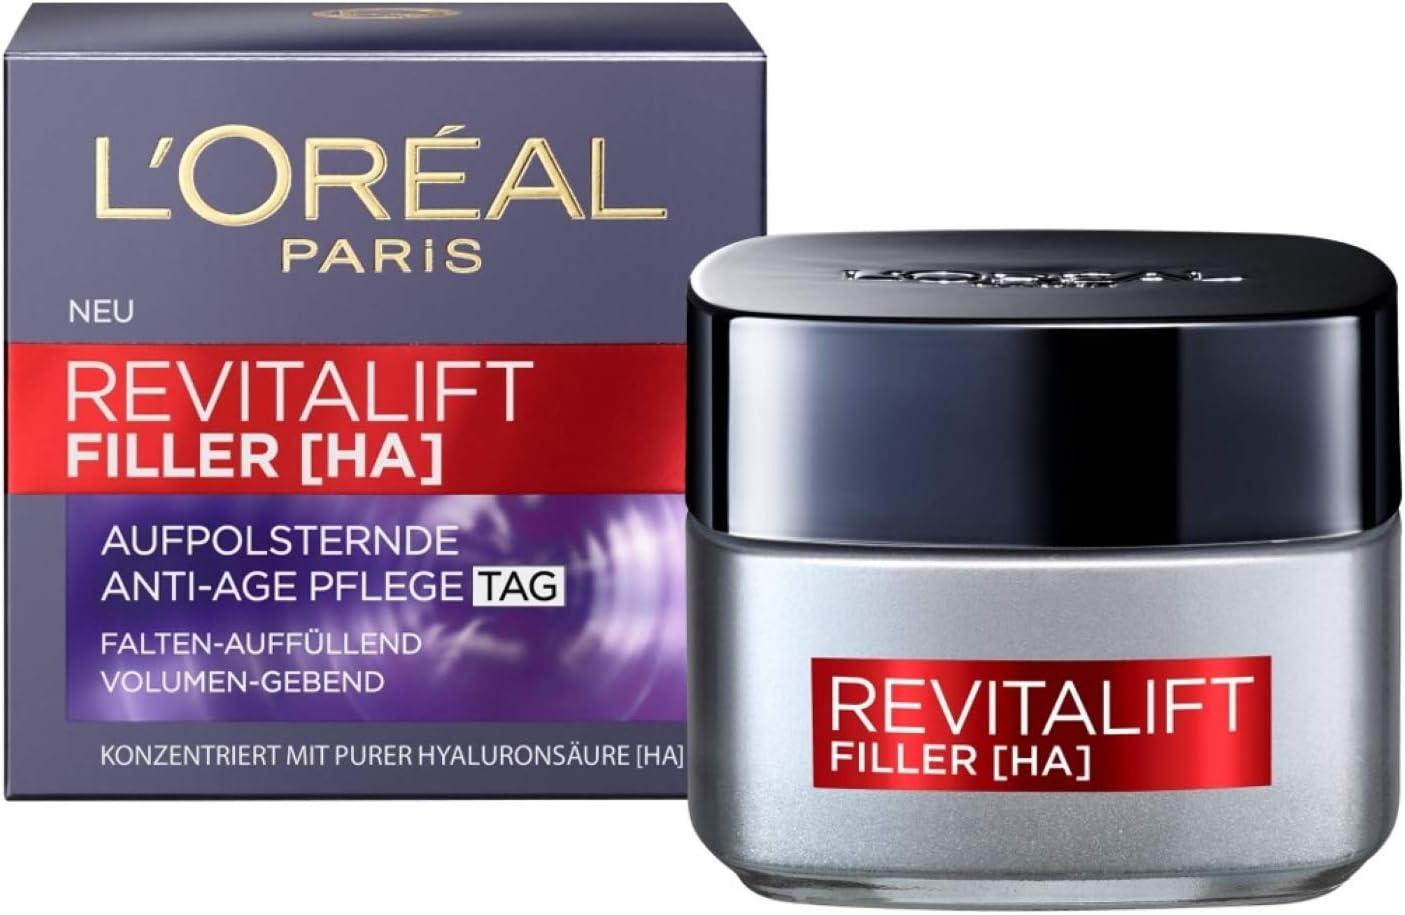 LOréal Paris Revitalift Filler Guarderías, 1er Pack (1 x 50 ml ...